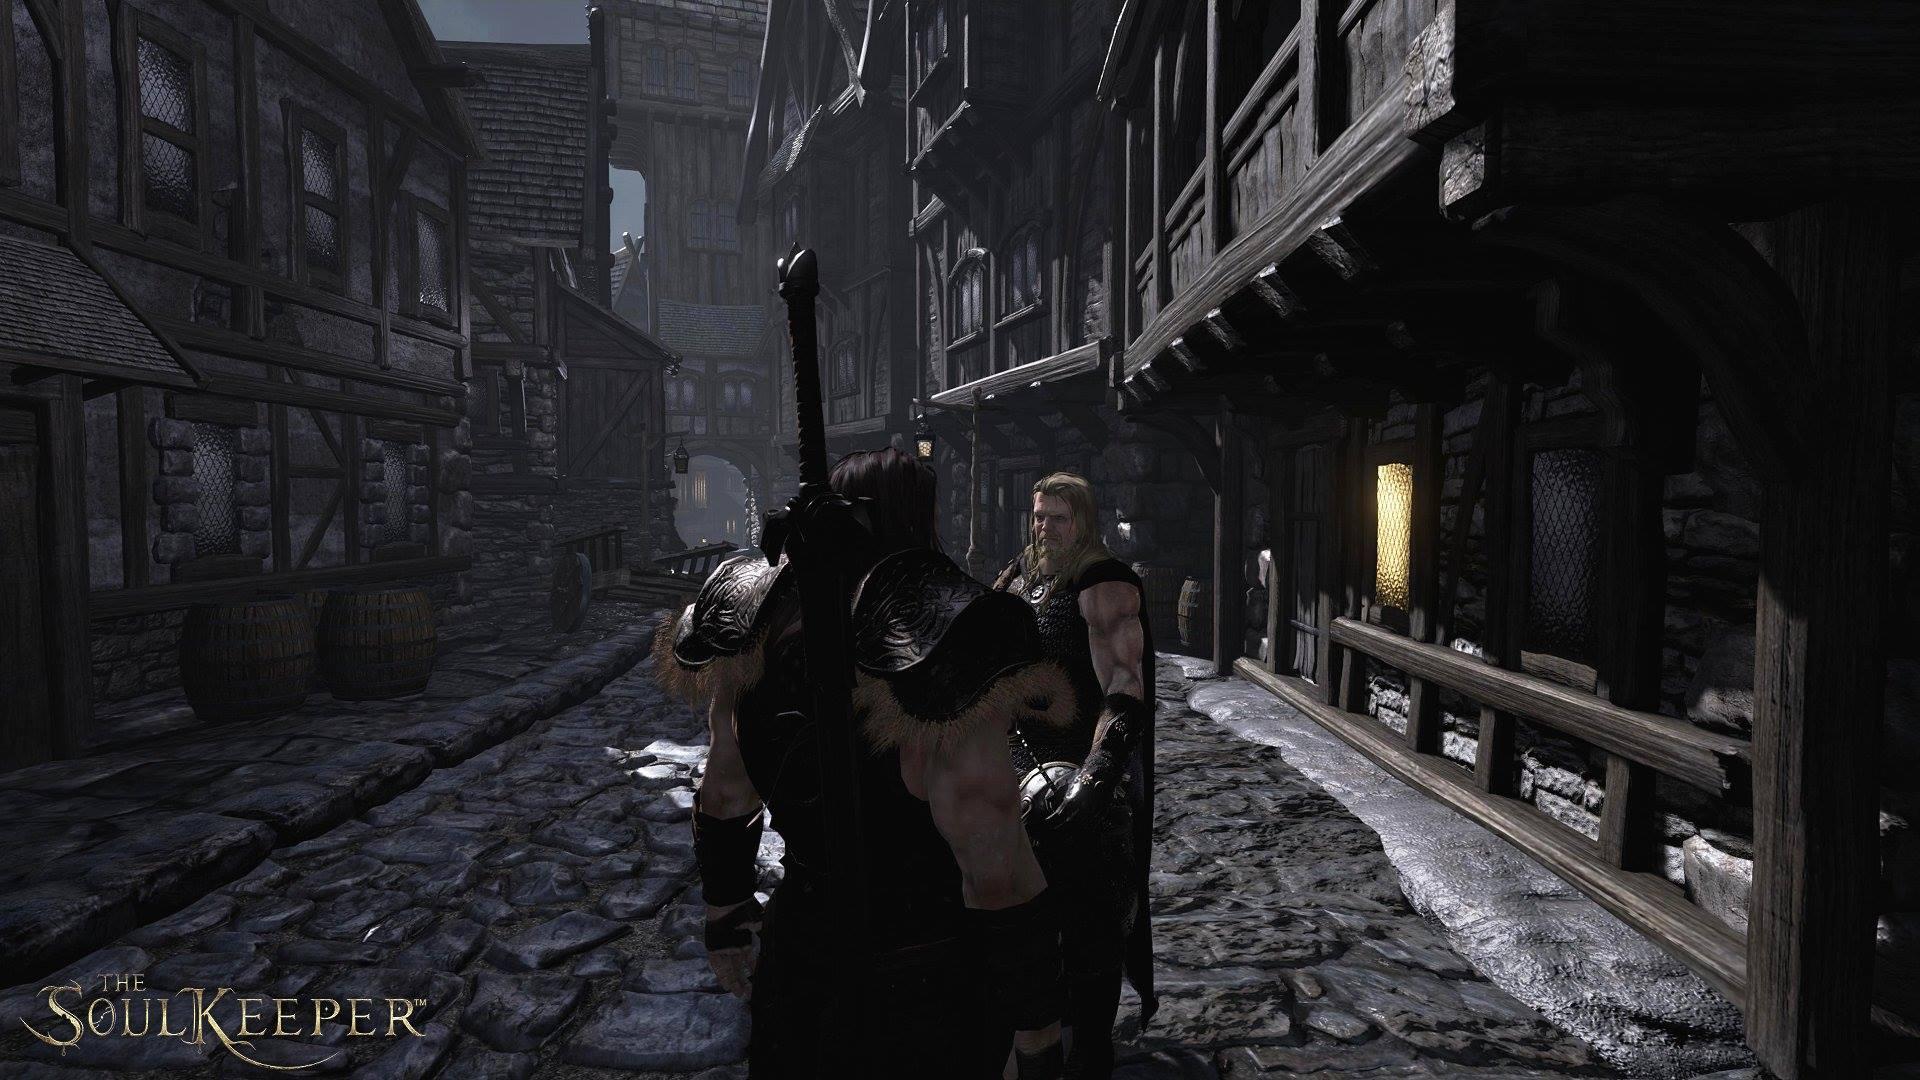 The Soul Keeper - RPG на Unreal Engine 4 - Первые скриншоты... Скайрим ты ли это ? - Изображение 3